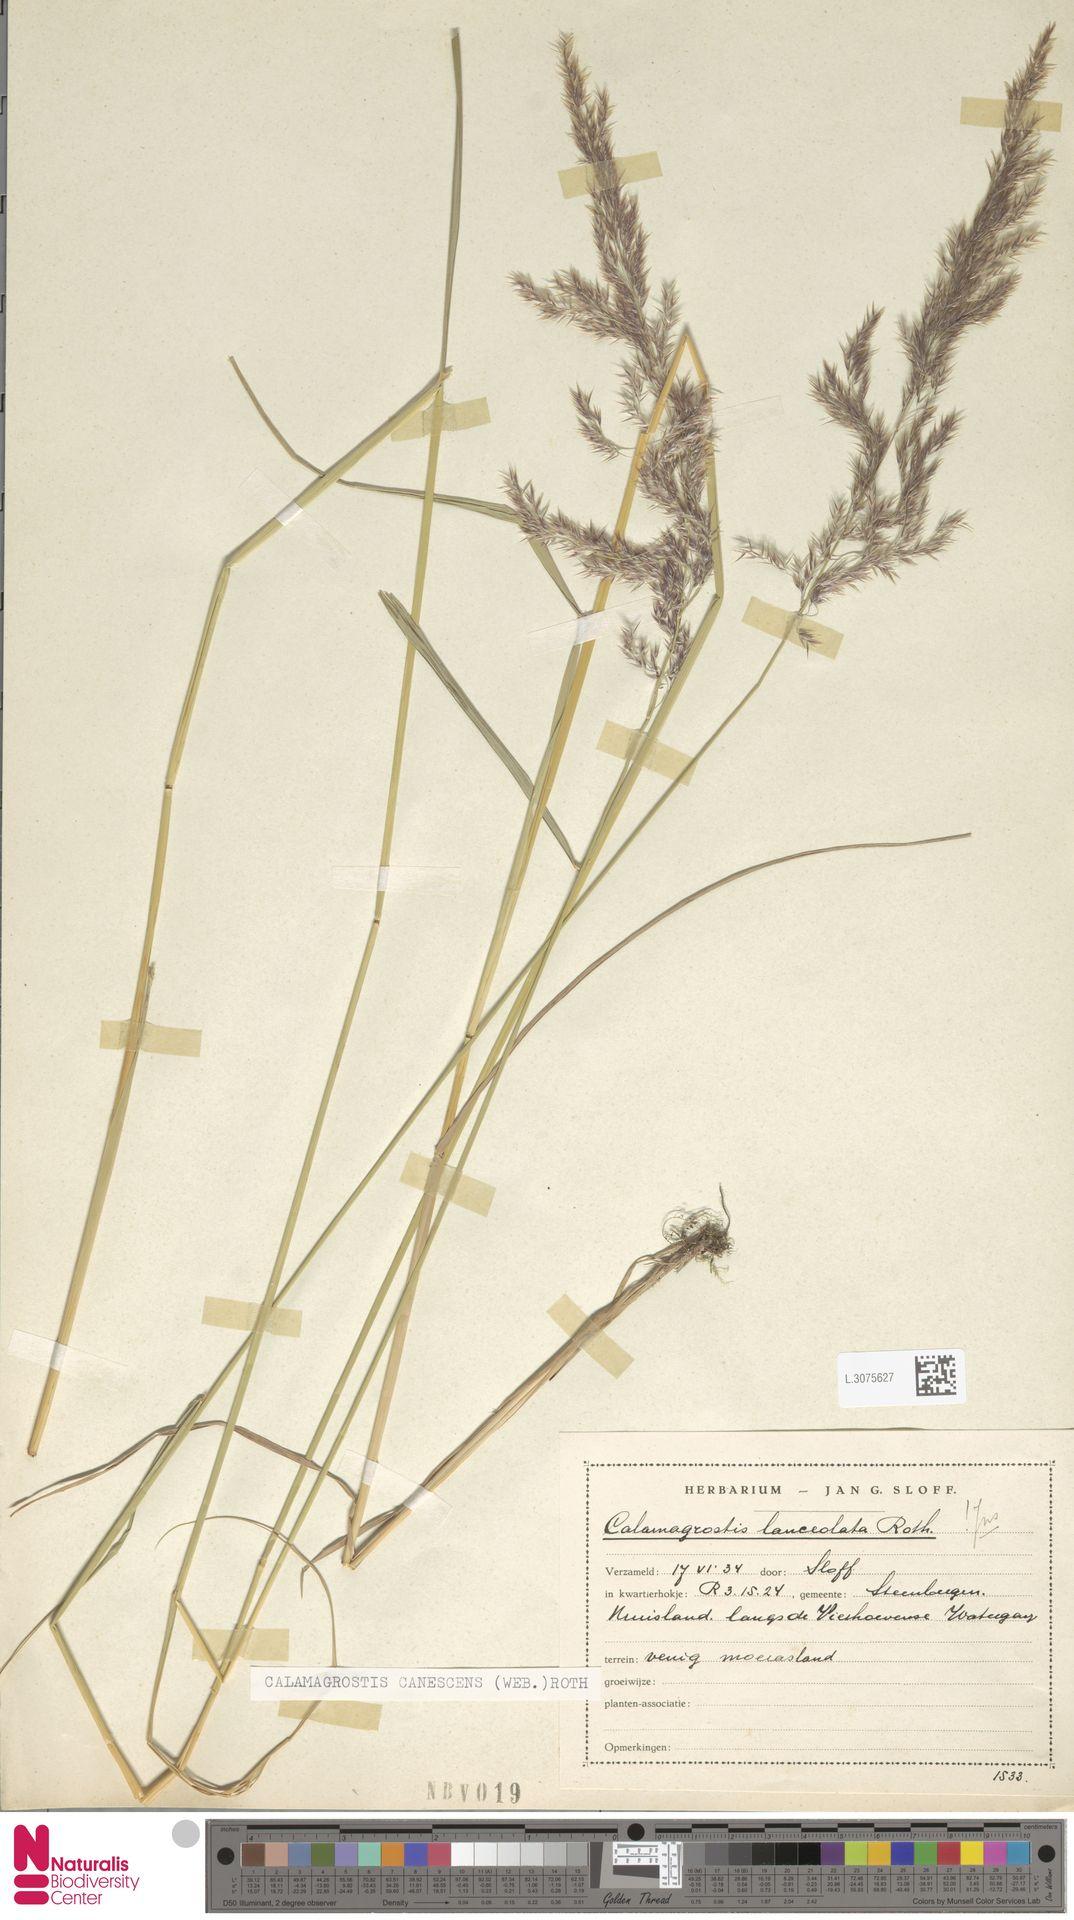 L.3075627 | Calamagrostis canescens (Weber) Roth